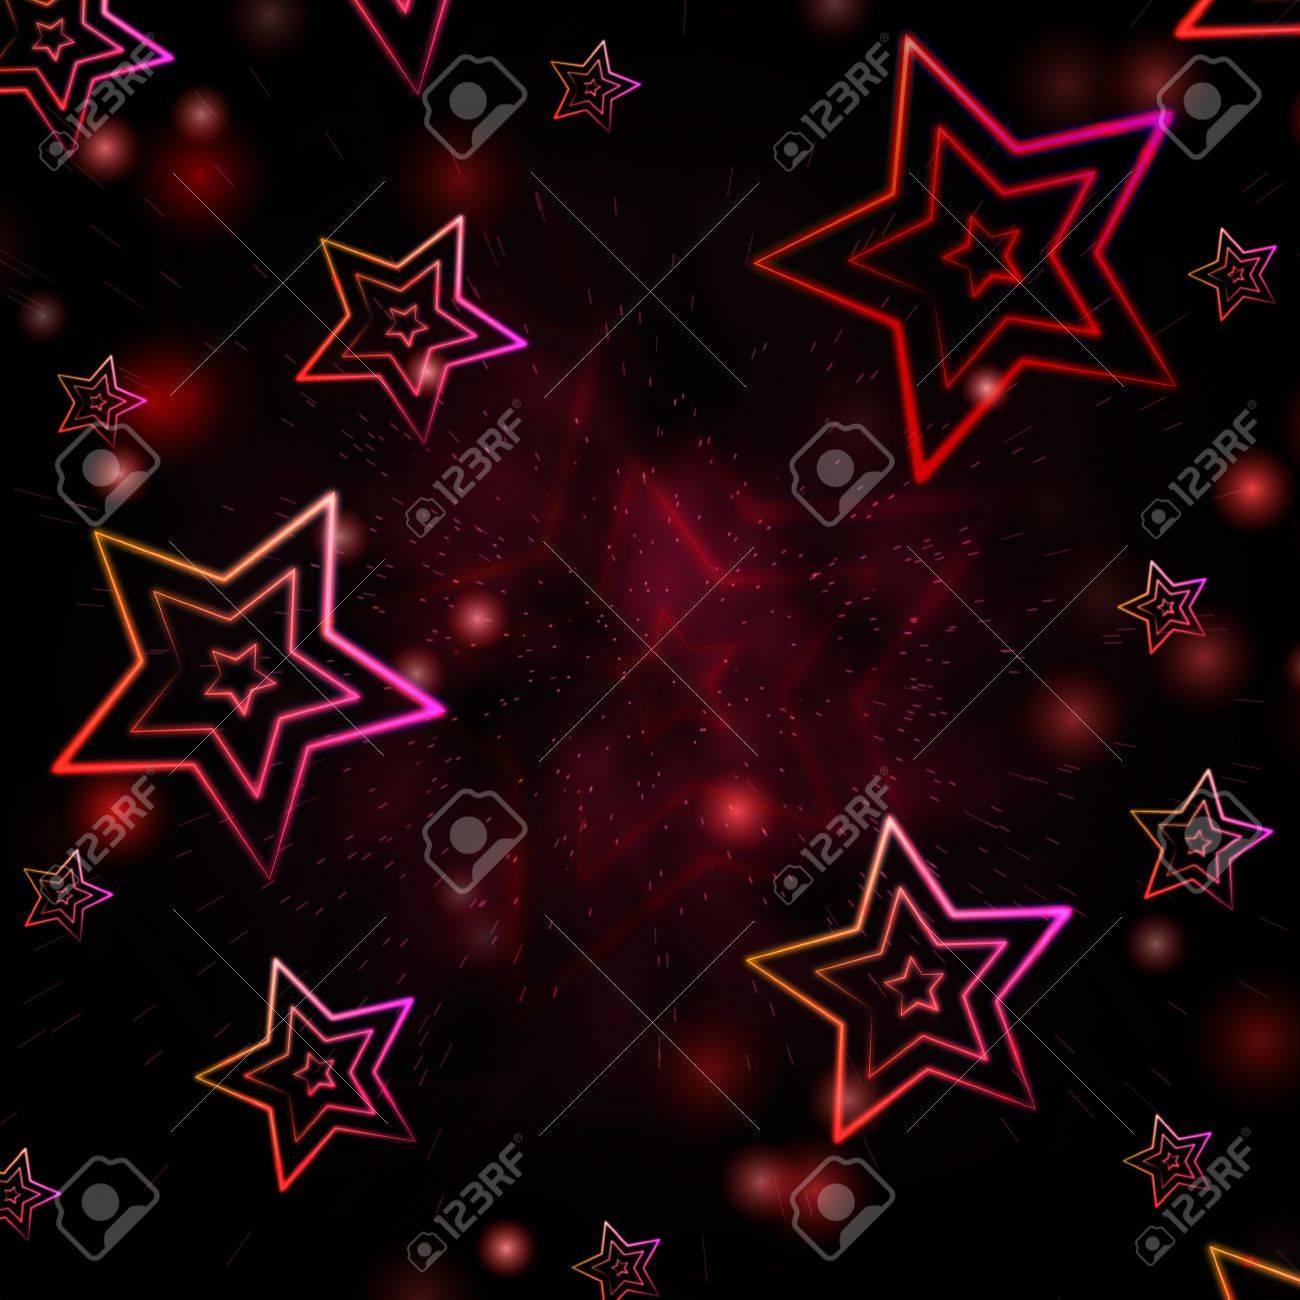 Abstracte Rode Achtergrond Met Geillustreerde Witte Sterren